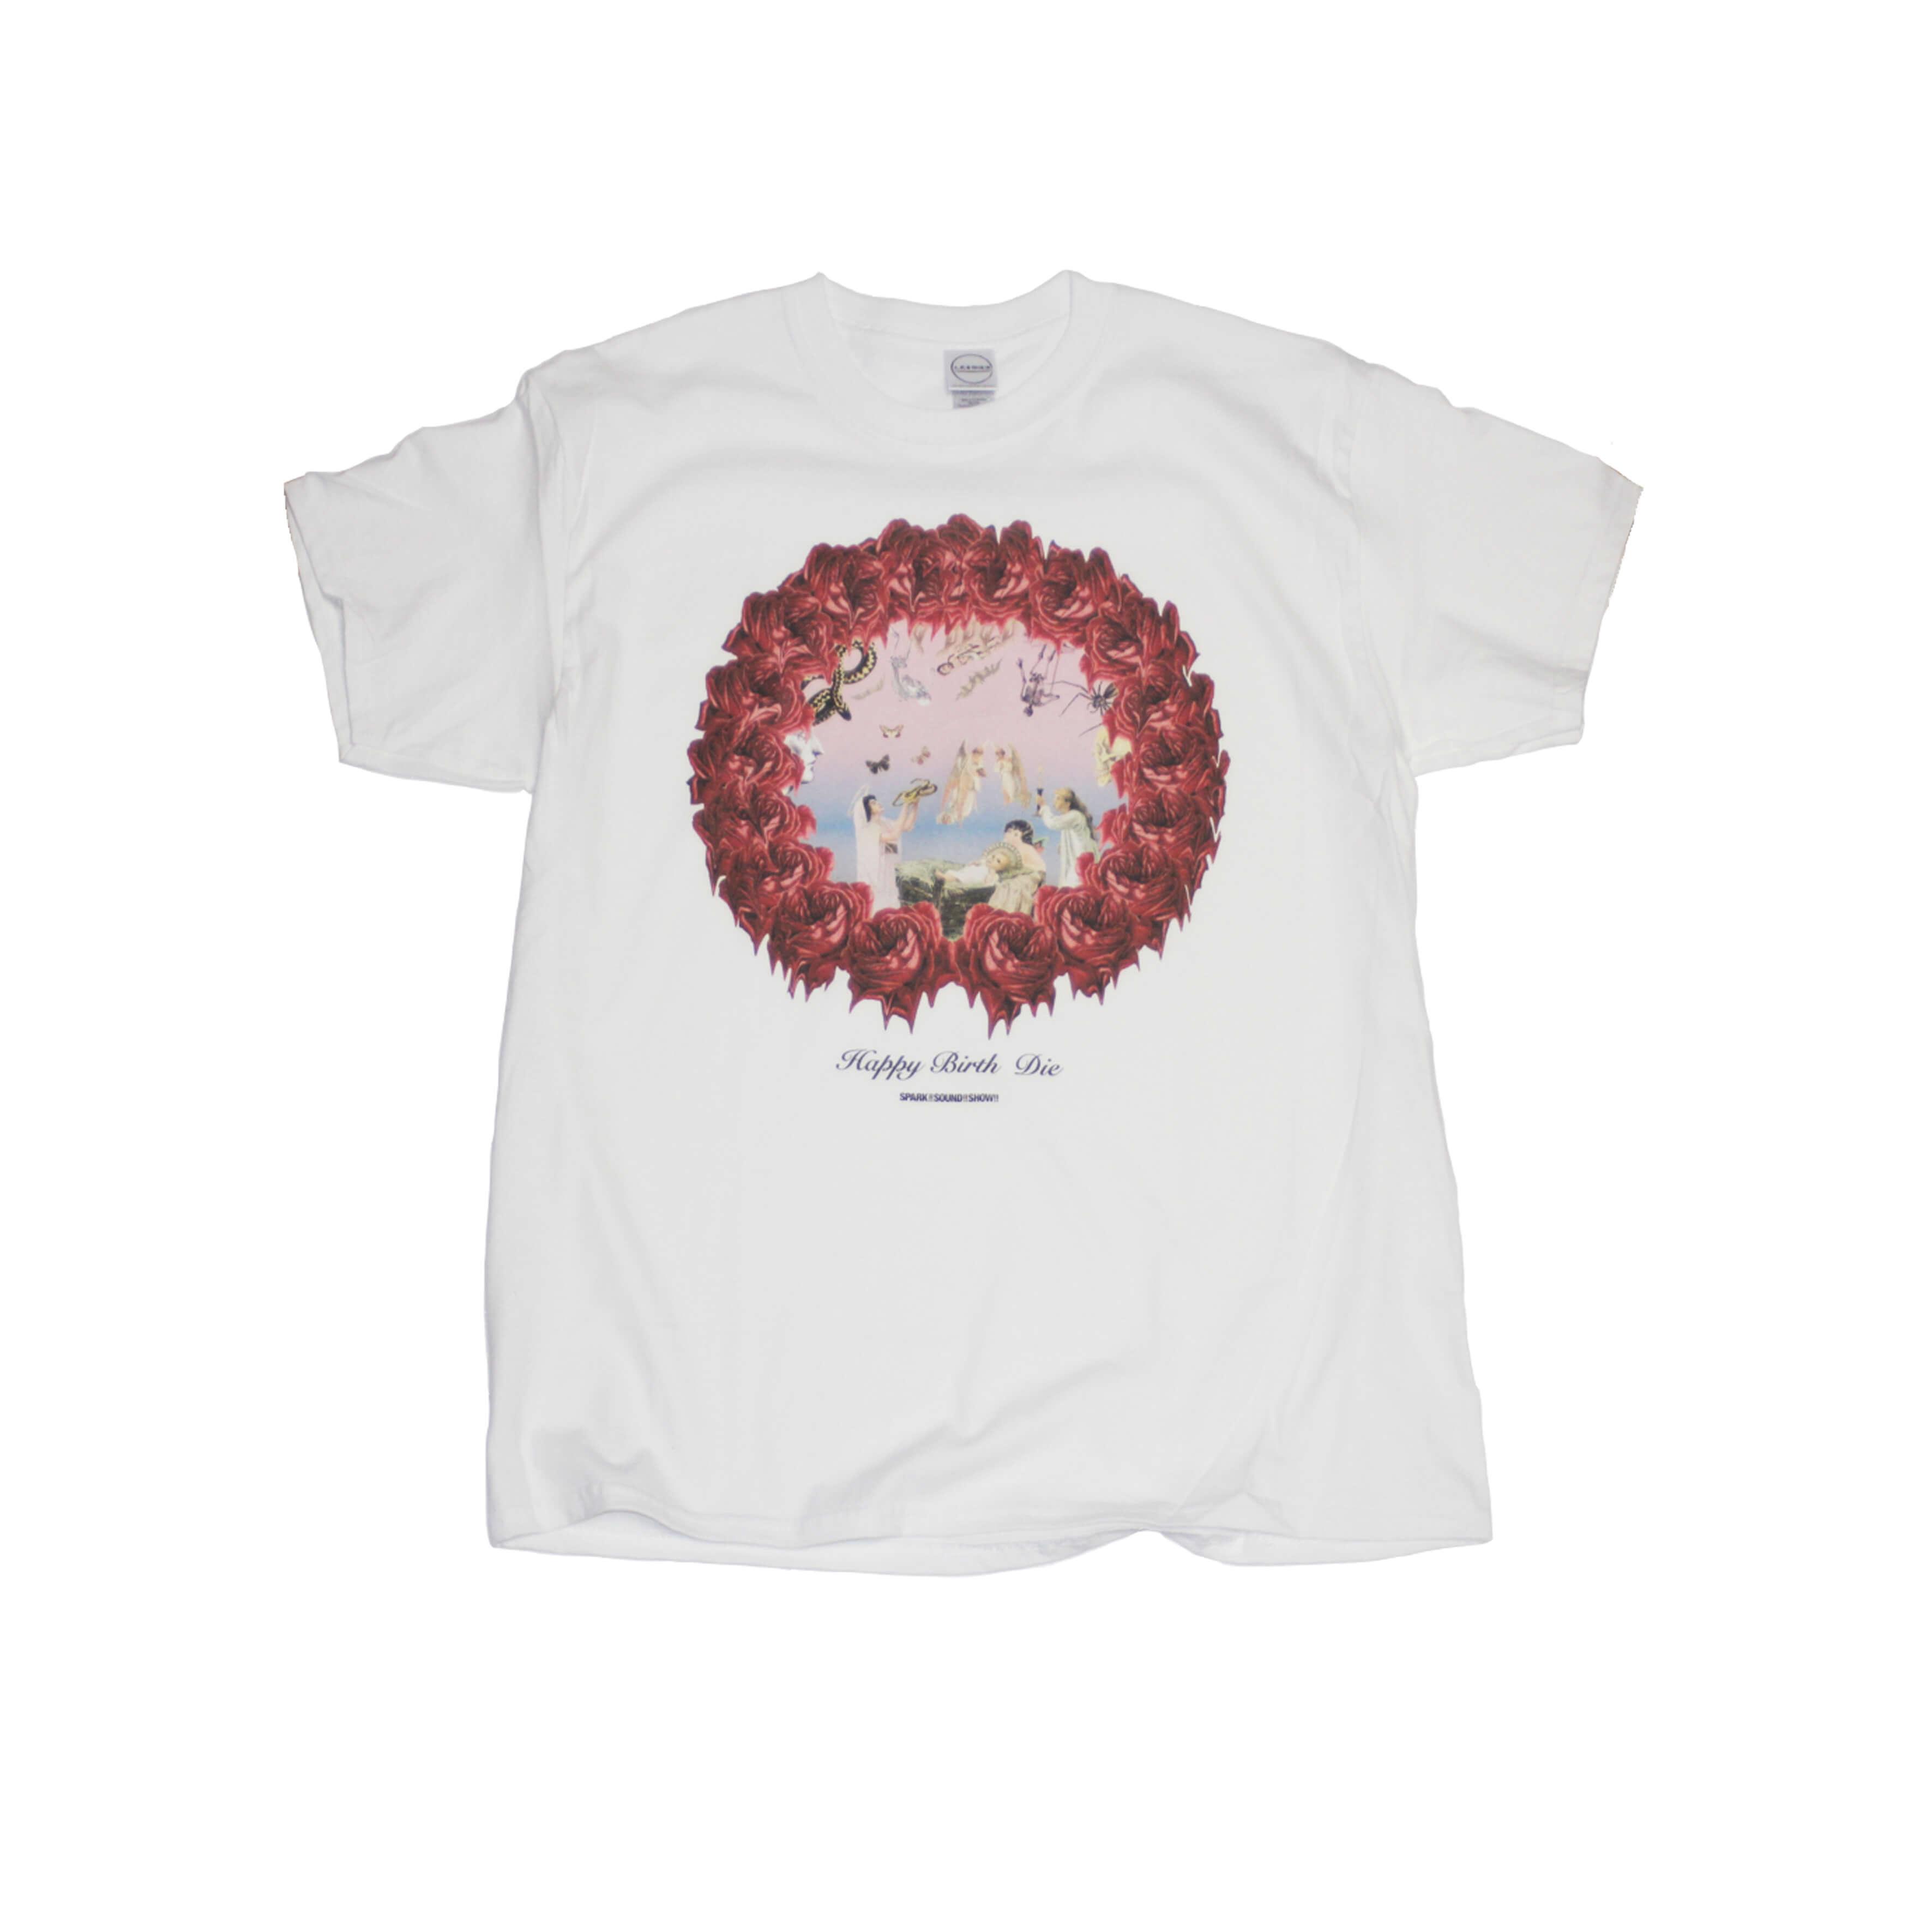 HAPPY BIRTH DIE T-Shirt (WHITE)